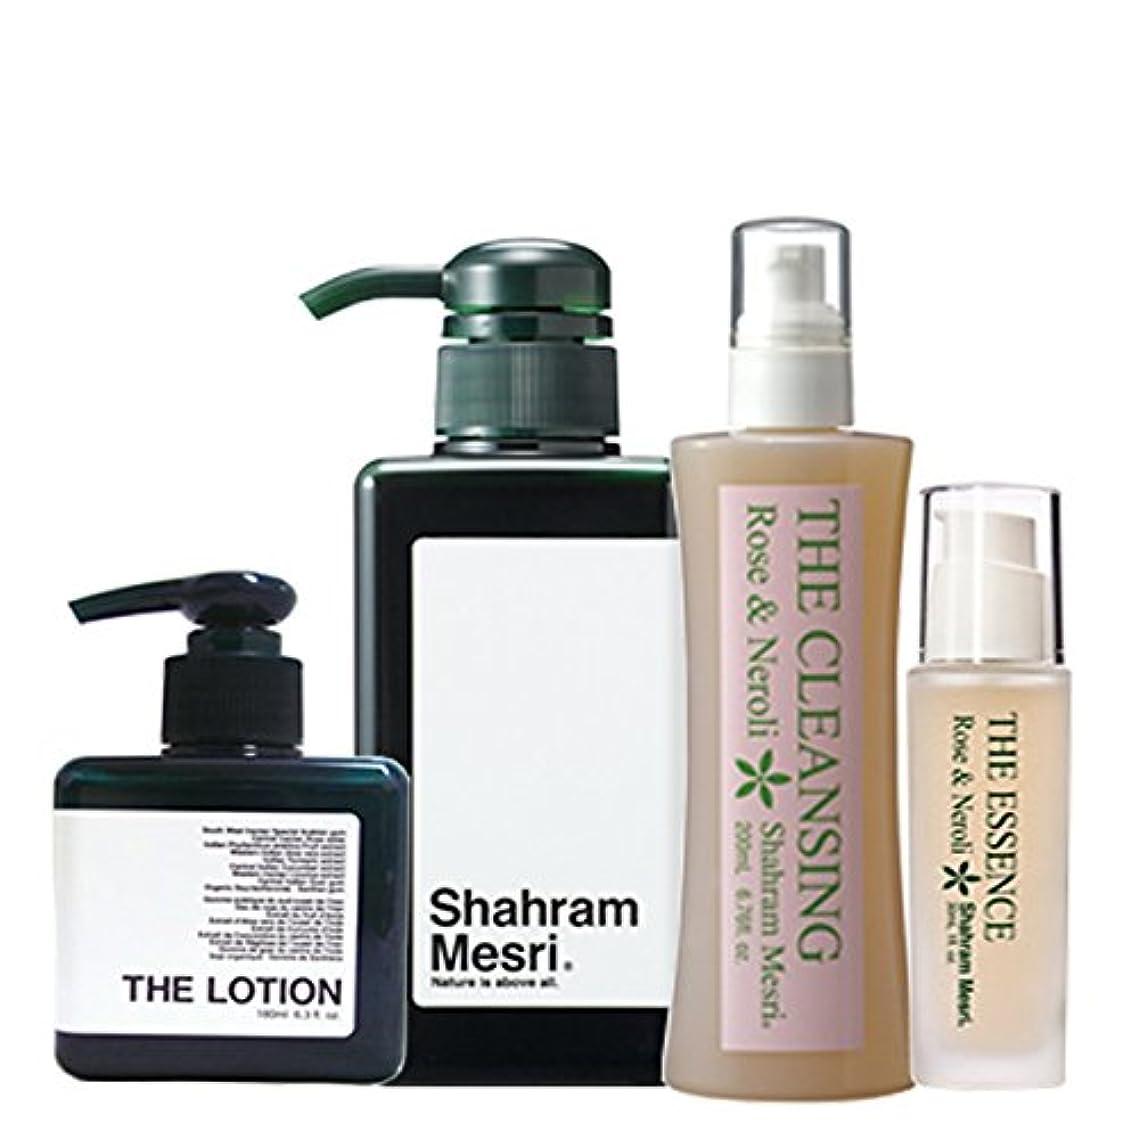 無分析的なトリプルShahram Mesri パーフェクトセット シャハランメスリ ザ・シャンプー ザ・ローション ザ・クレンジング ザ・エッセンス のセットです。 お化粧落としからシャンプーそしてローションエッセンスの仕上げまで お試しください。